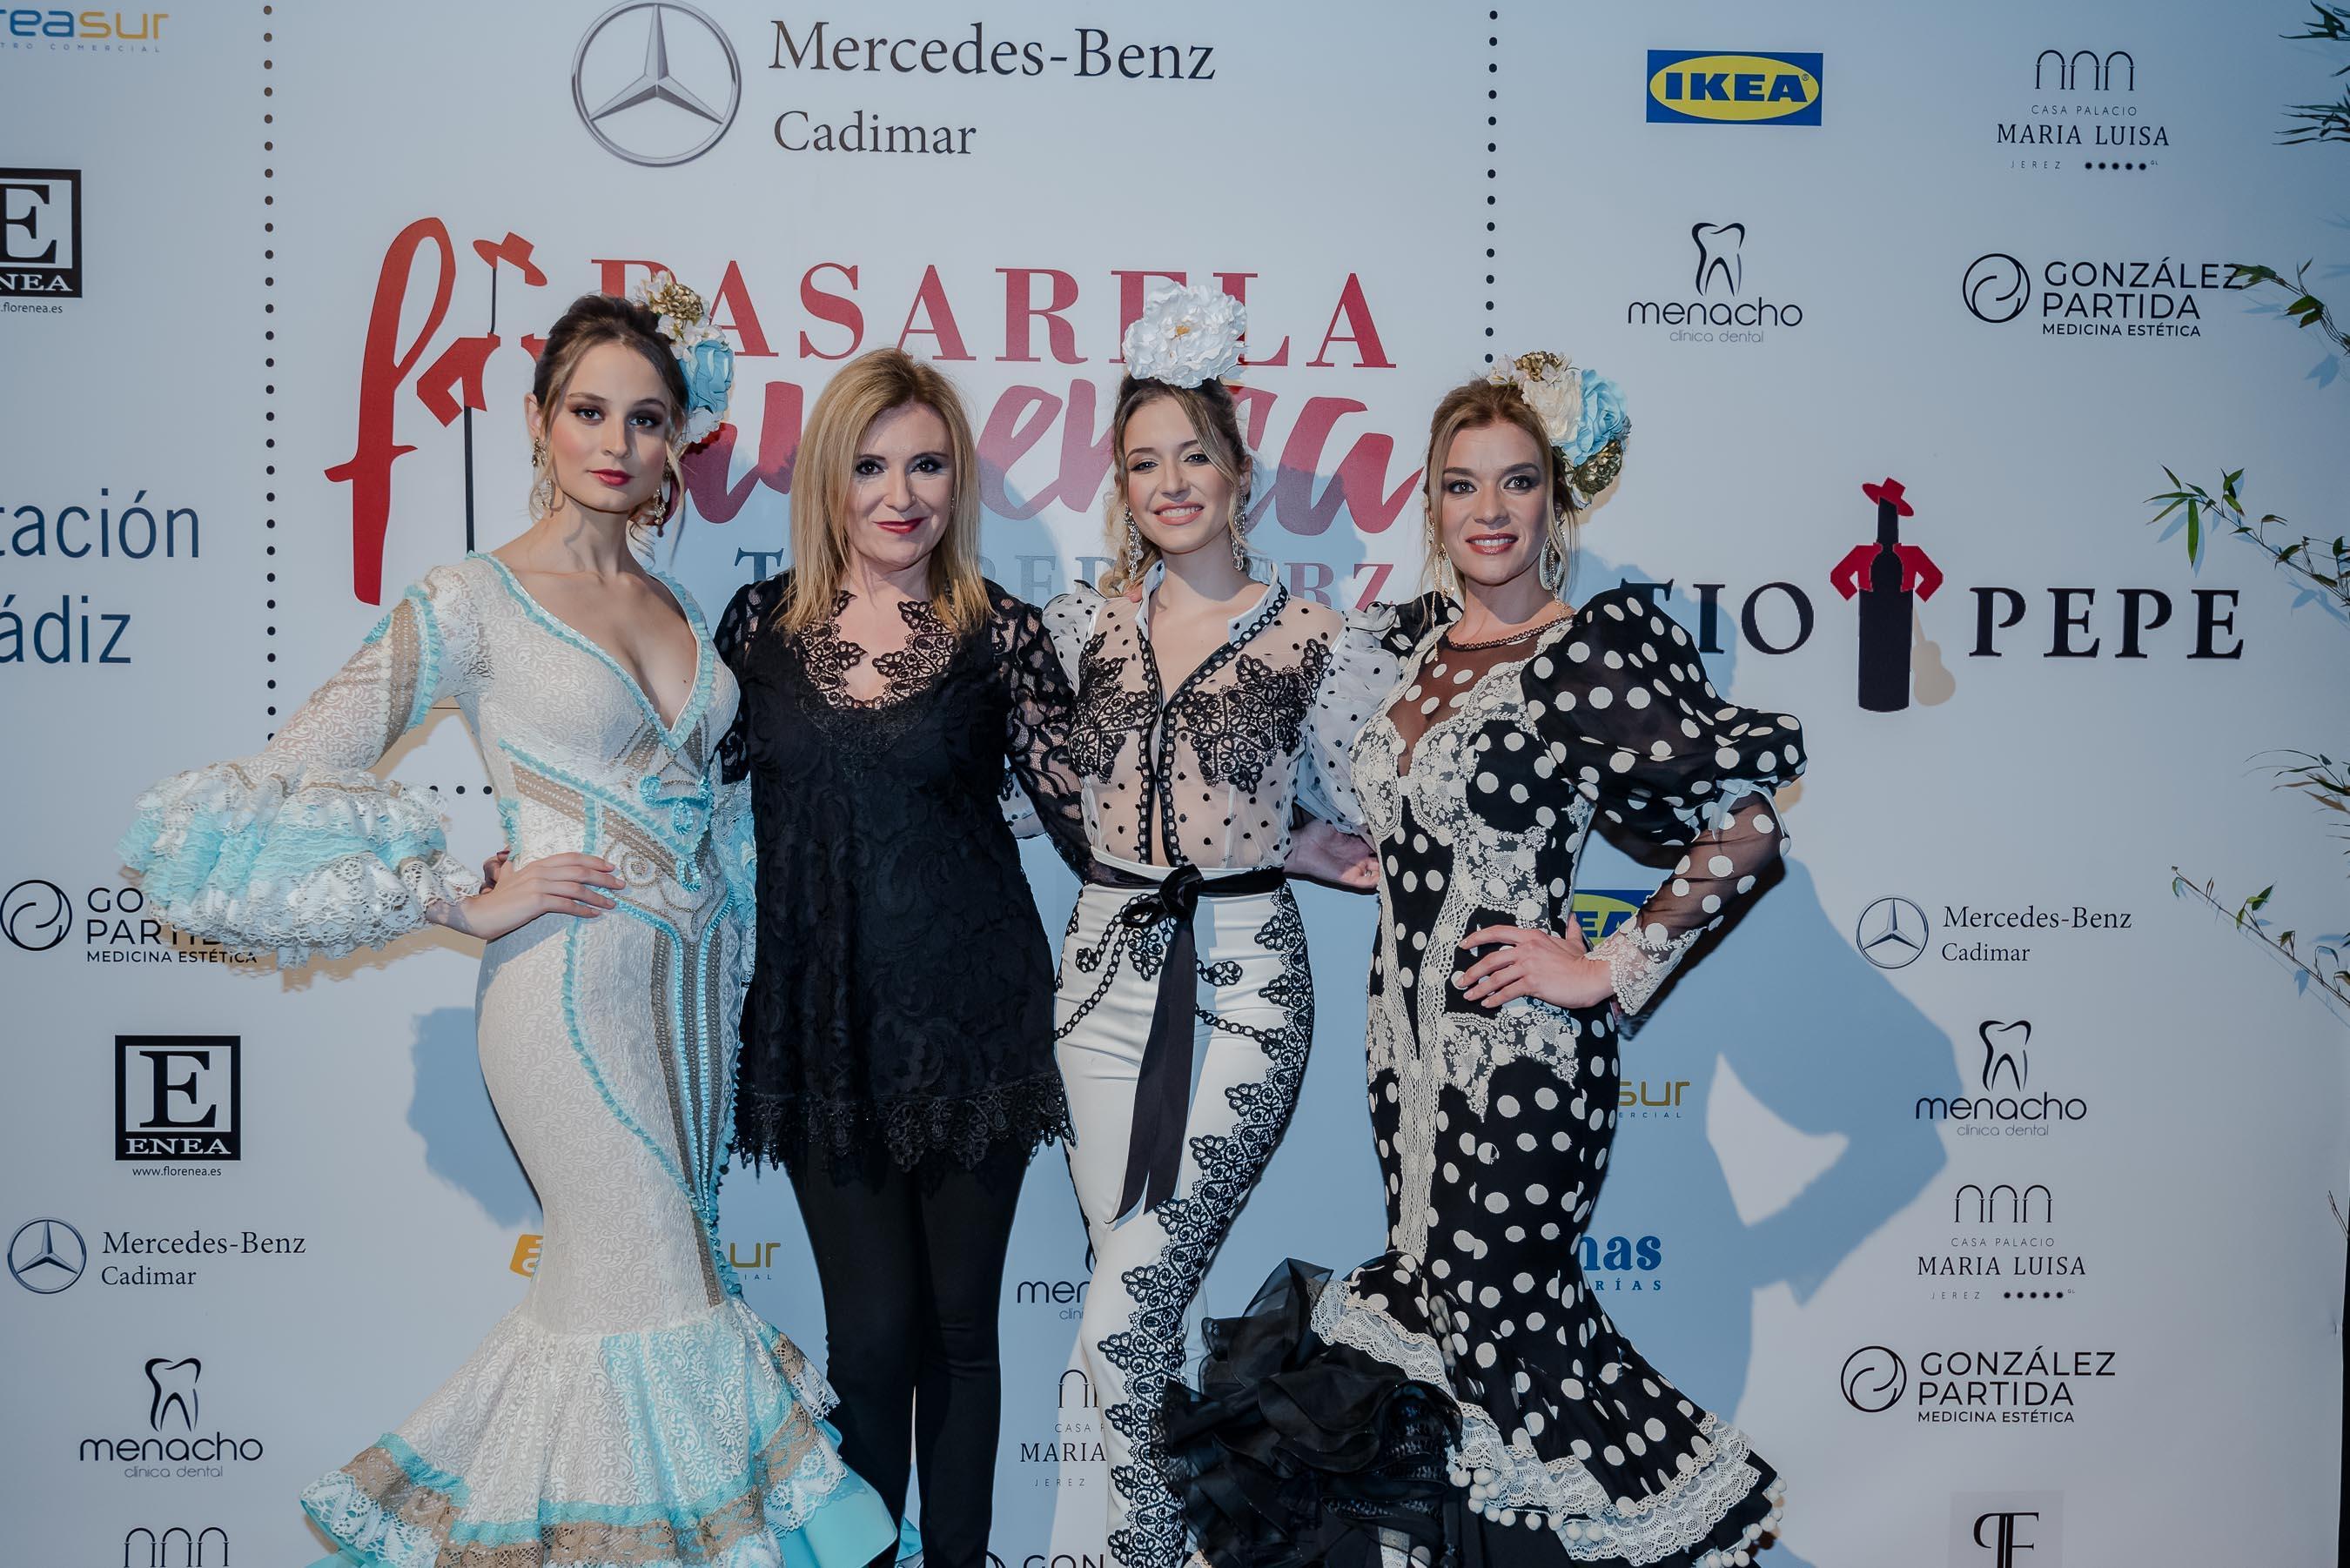 El traje de flamenca se reinventa en el tercer día de la Pasarela Flamenca de Jerez 2020